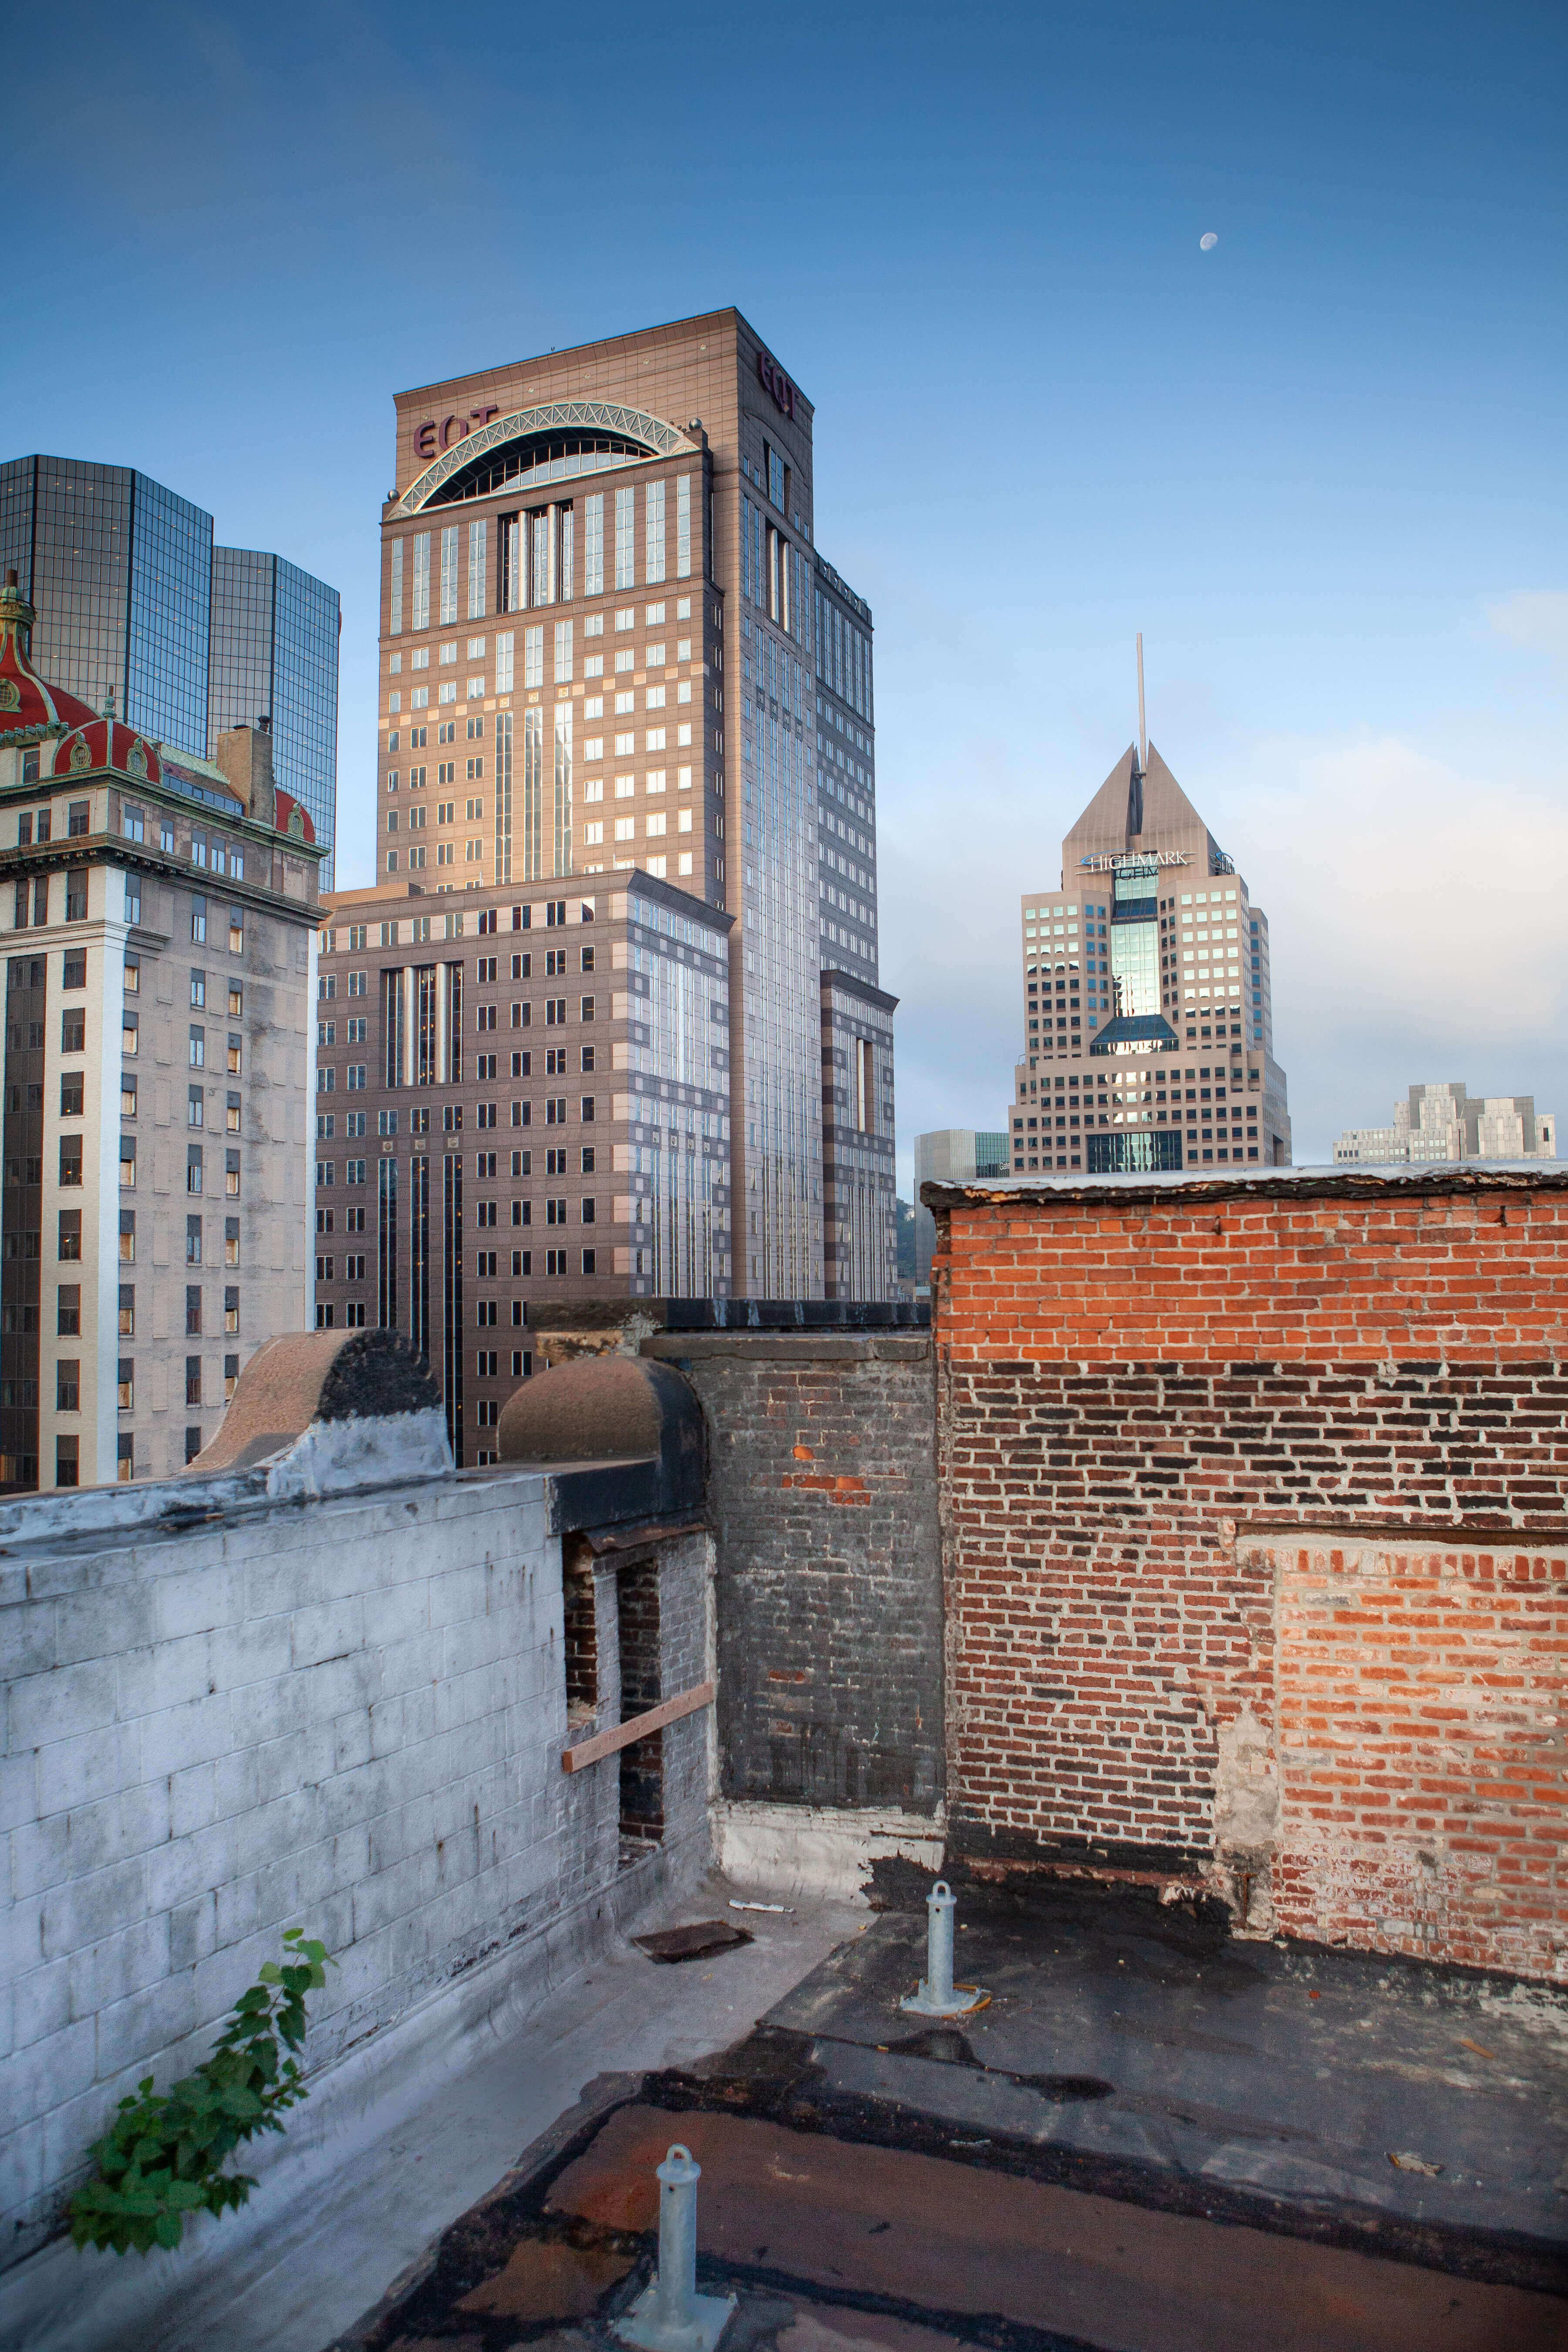 Eighth & Penn rooftop